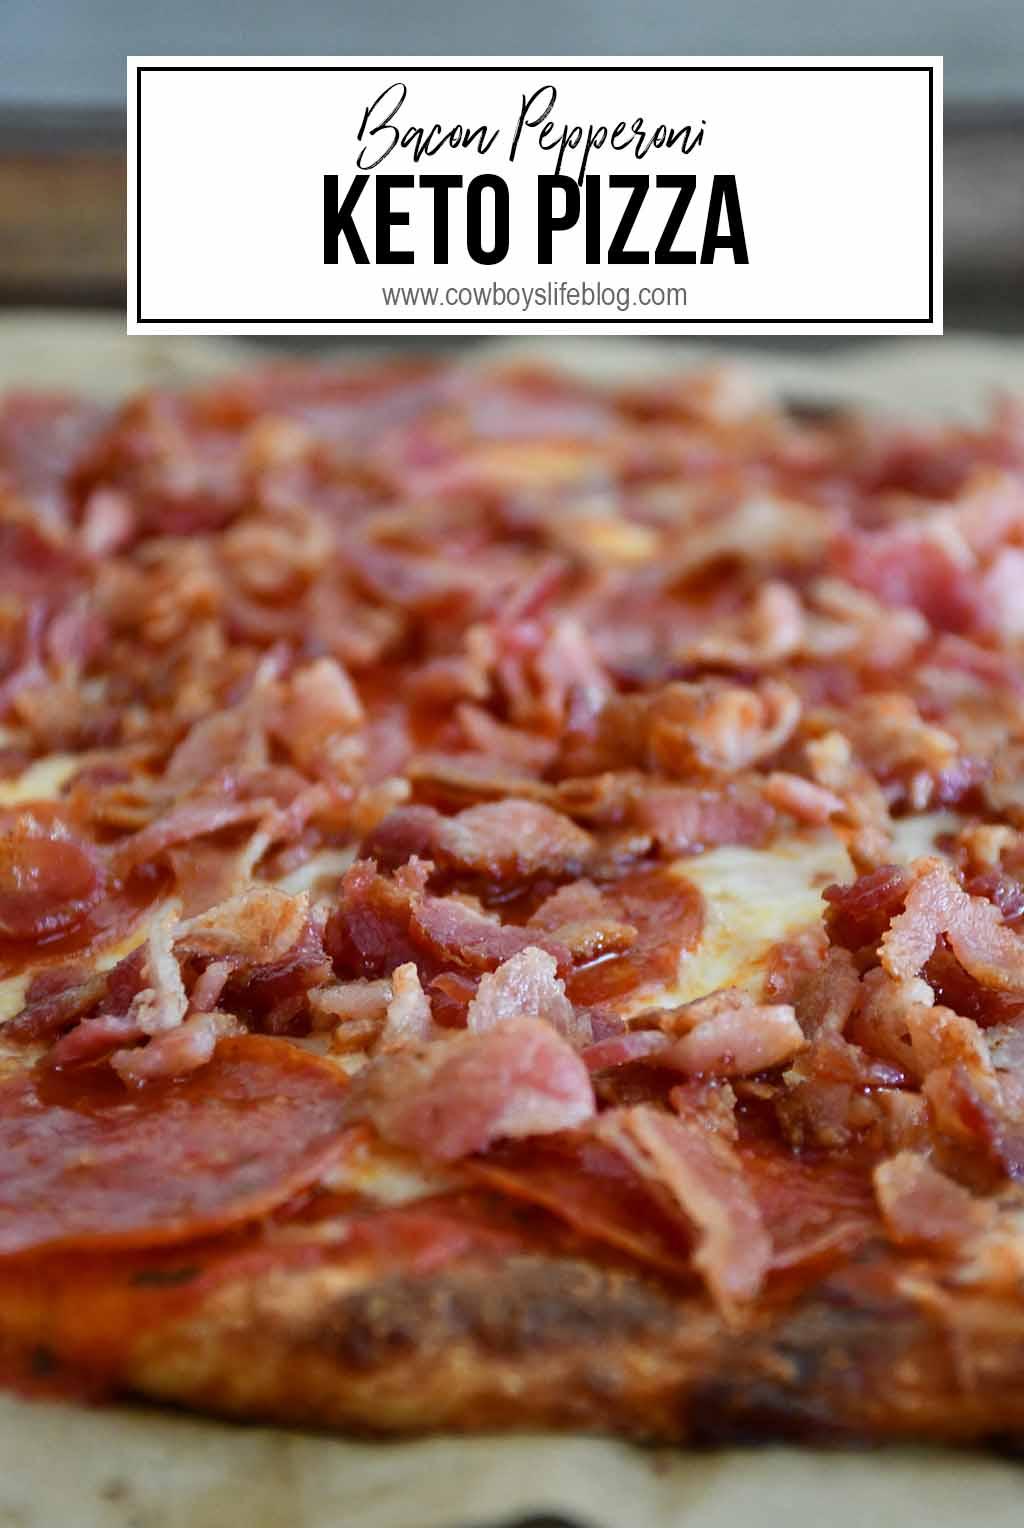 Bacon Pepperoni Keto Pizza | Keto Pizza Crust | Keto Fat Dough | Keto Dinner Ideas | Low Carb Pizza #ketopizza #ketodinner #lowcarbpizza